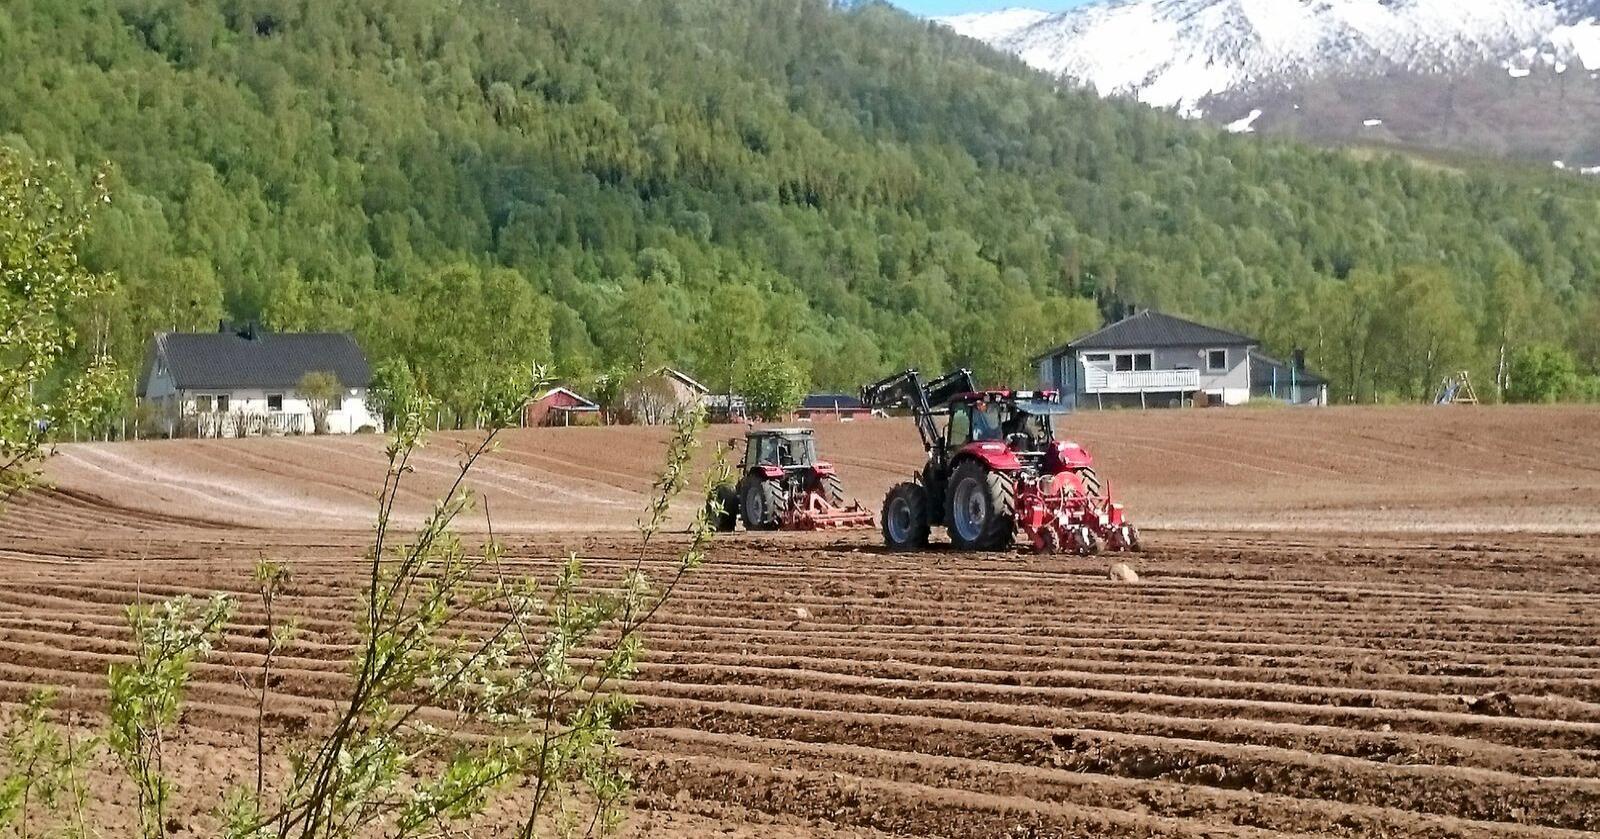 Det er utfordrende å produsere grønnsaker i Nord-Norge. Nå skal produksjonen bli enda bedre gjennom ny forskning. Bildet er fra Målselv i Troms, hvor det produseres Målselvnepe. Illustrasjonsfoto: Ulrike Naumann, Tromspotet AS.